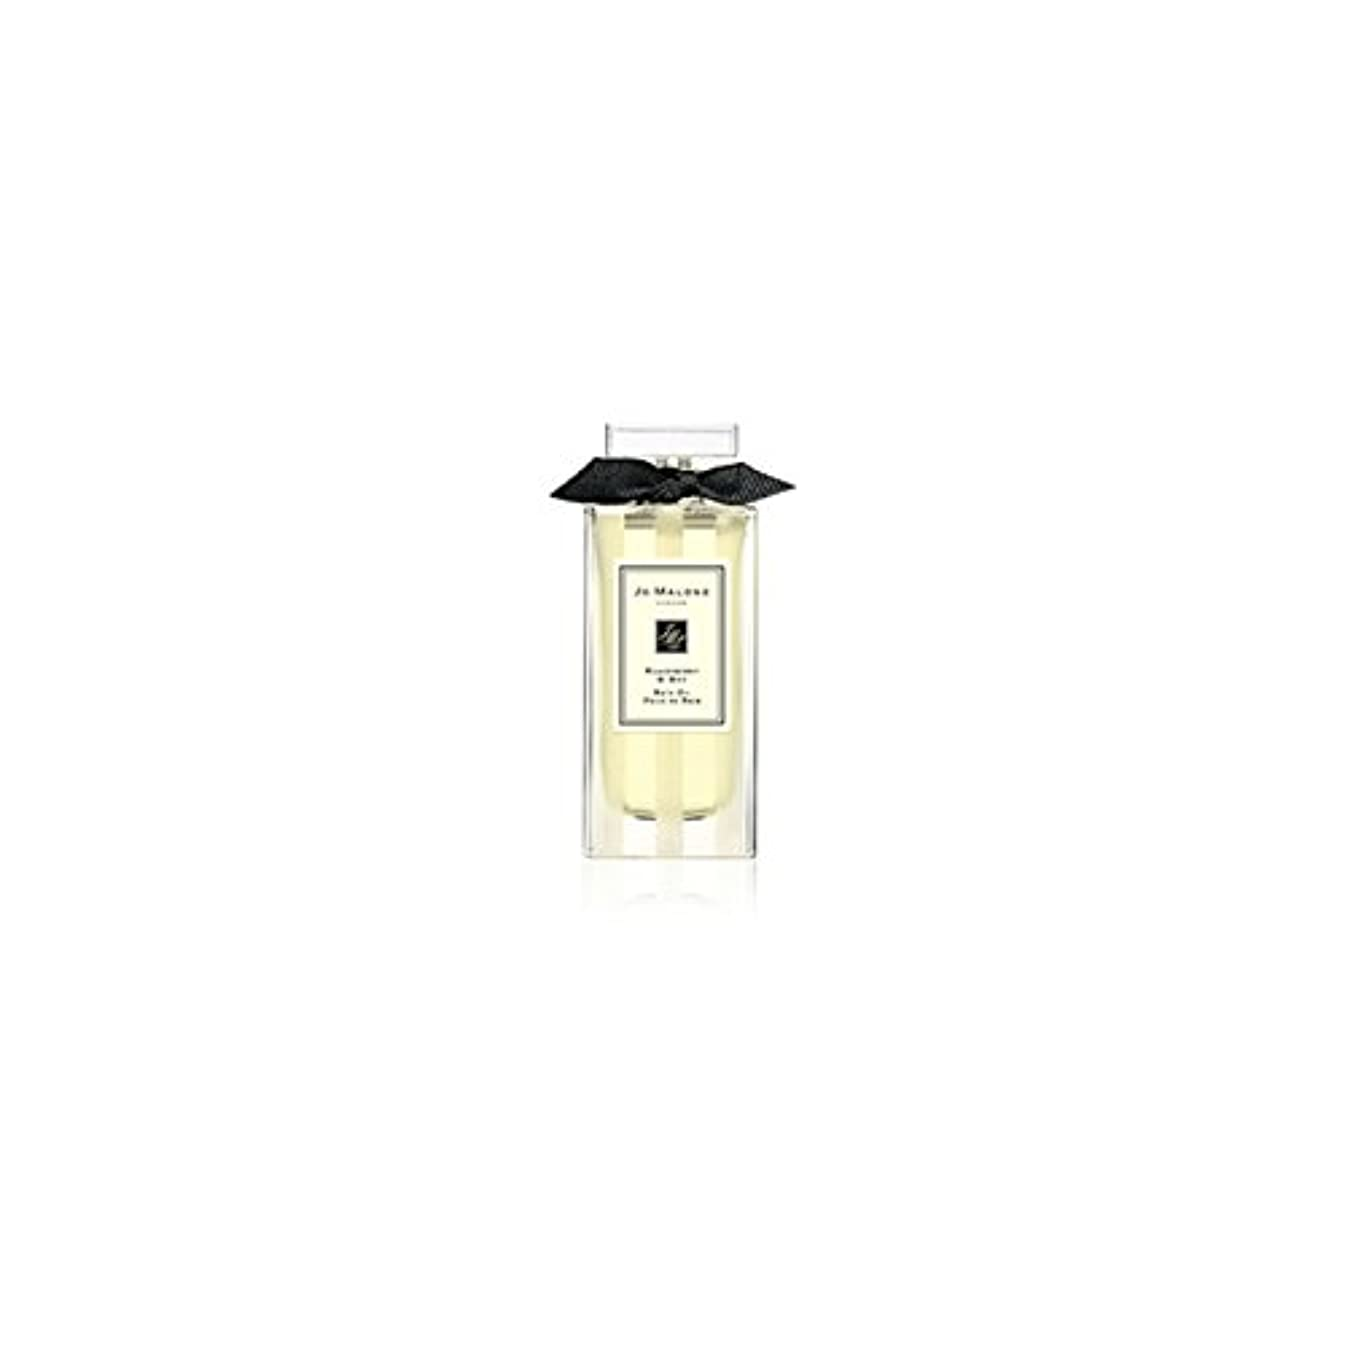 論争的圧倒する赤外線ジョーマローンブラックベリー&ベイバスオイル - 30ミリリットル - Jo Malone Blackberry & Bay Bath Oil - 30ml (Jo Malone) [並行輸入品]